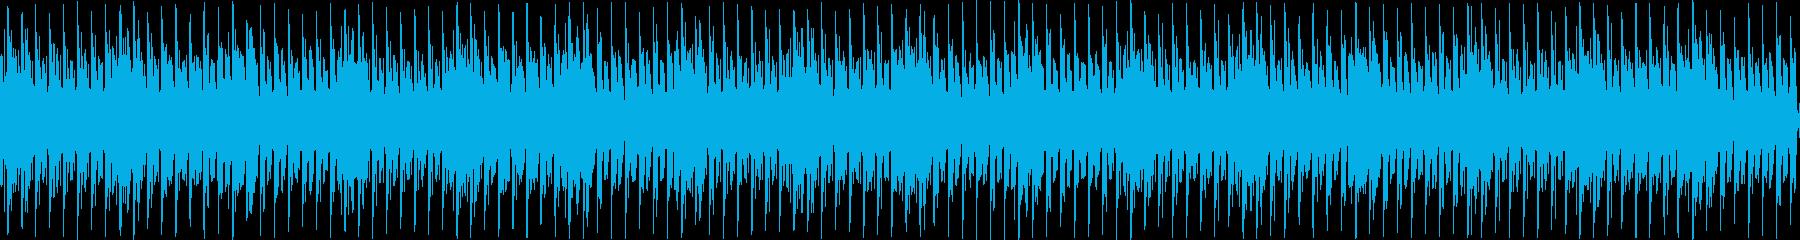 声と音によるテクノの再生済みの波形